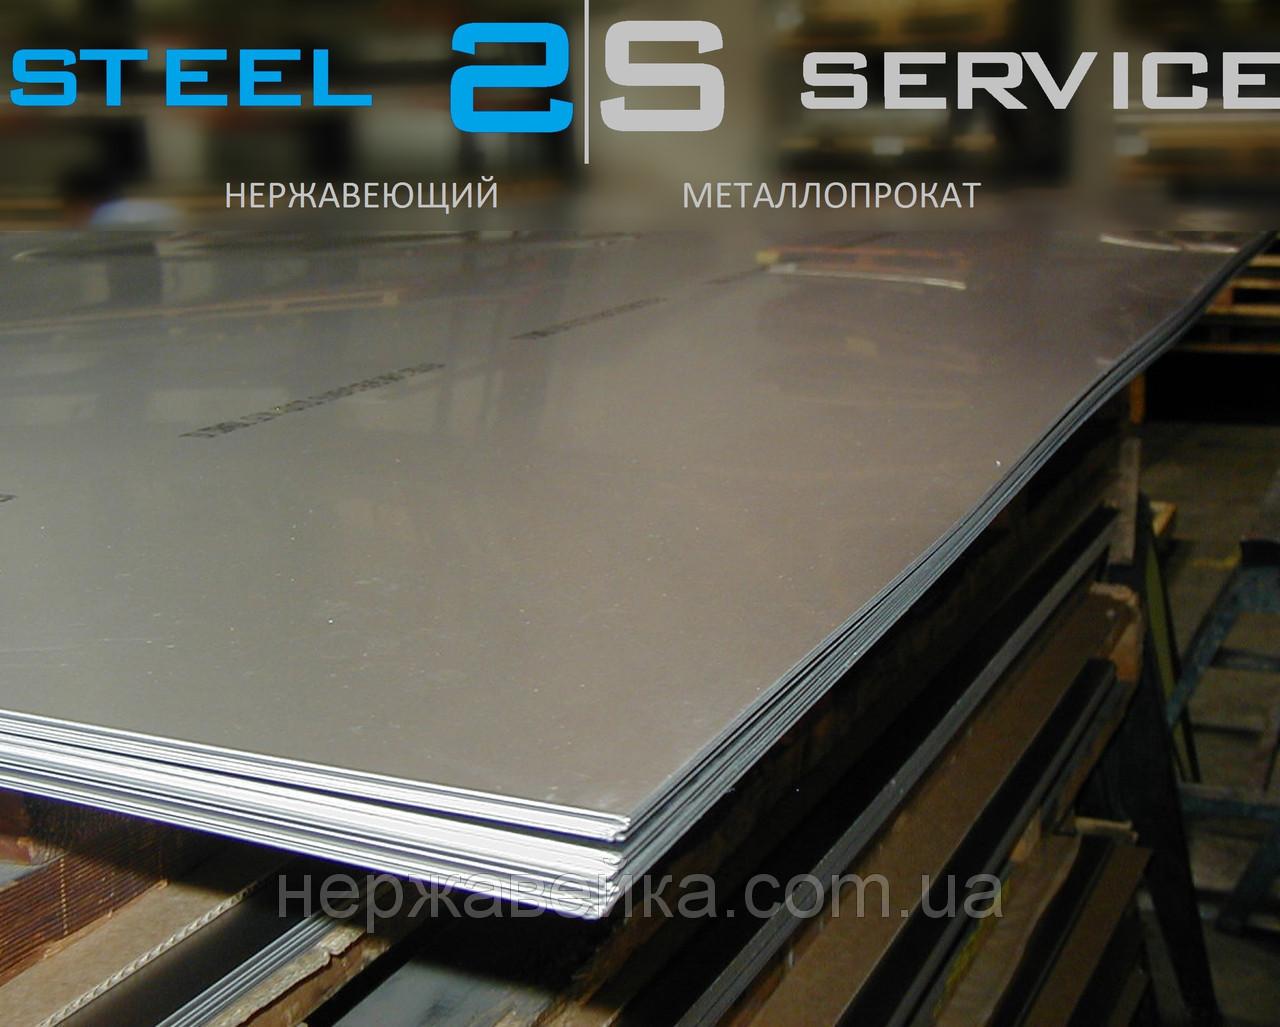 Нержавеющий лист 14х1250х2500мм  AISI 310(20Х23Н18) F1 - горячекатанный,  жаропрочный